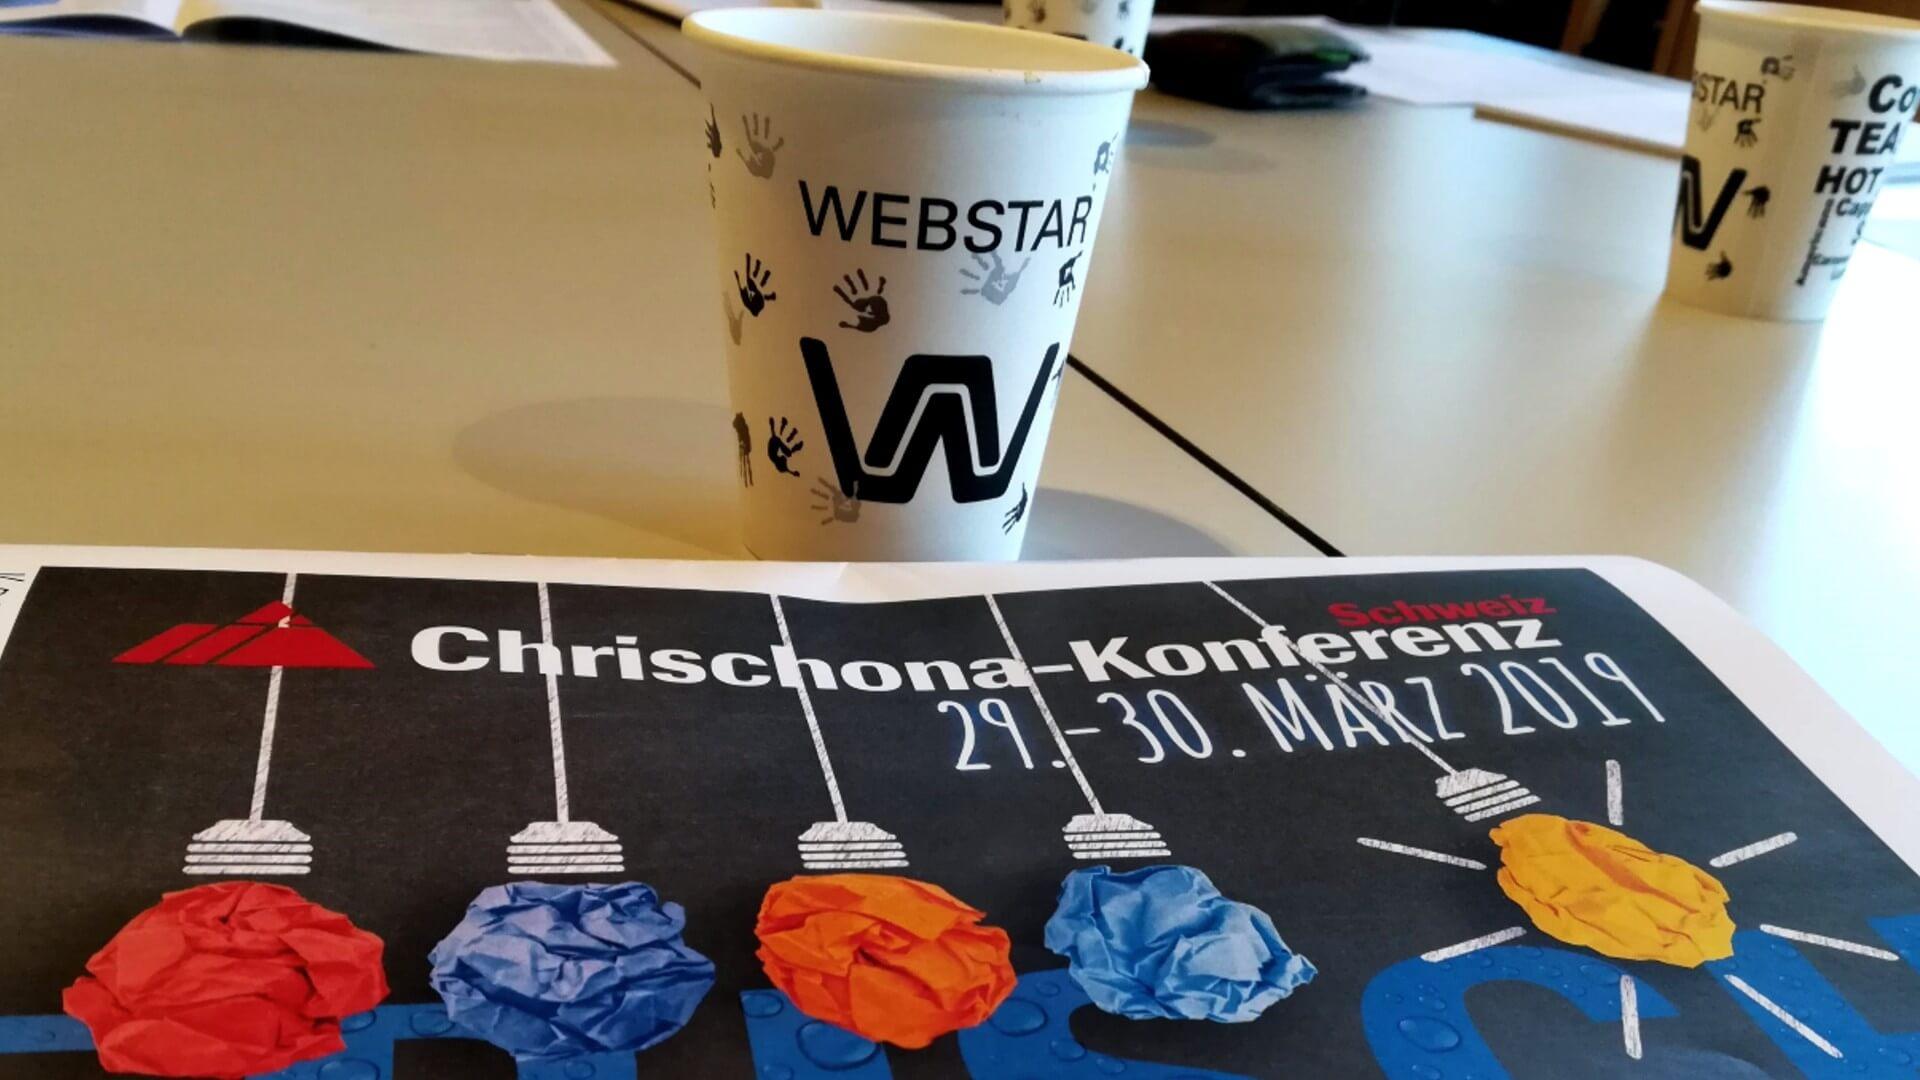 Chrischona Konferenz_Infoblatt-mit-Kaffee